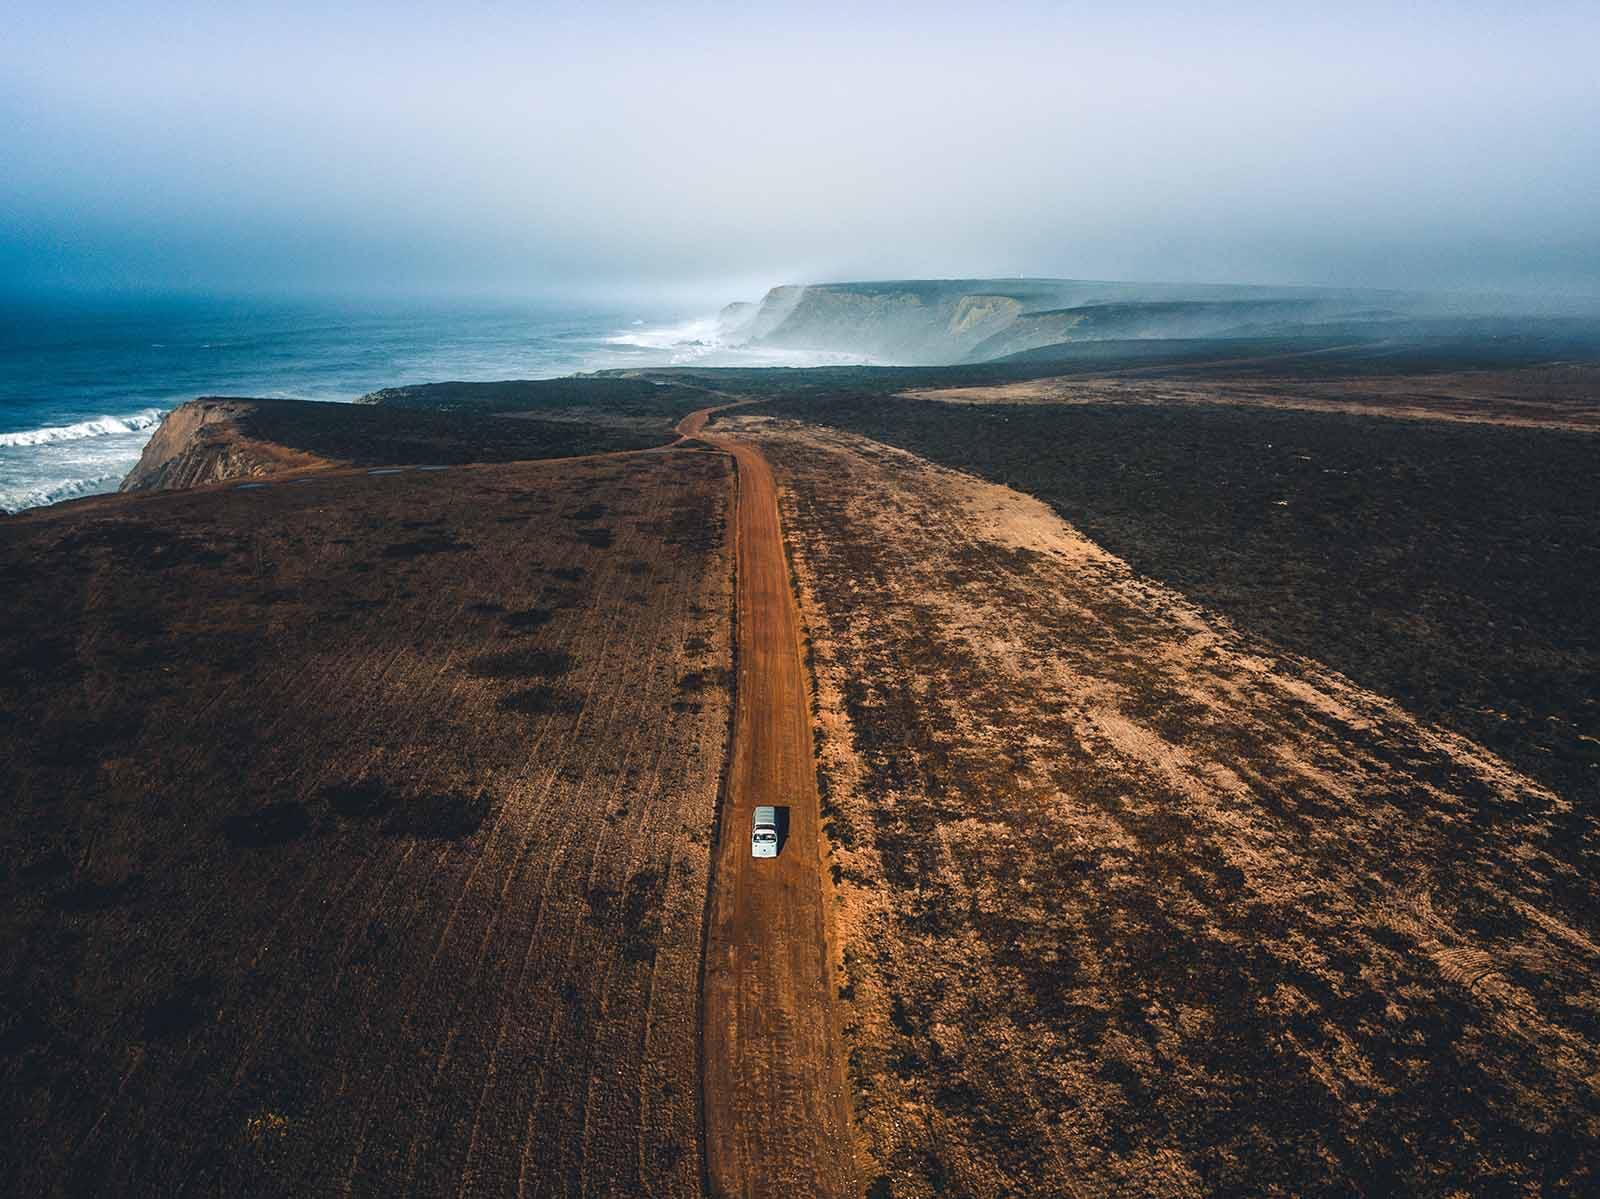 Explore la costa oeste de Portugal en su autocaravana para encontrar las mejores playas, lugares secretos y experiencias auténticas.